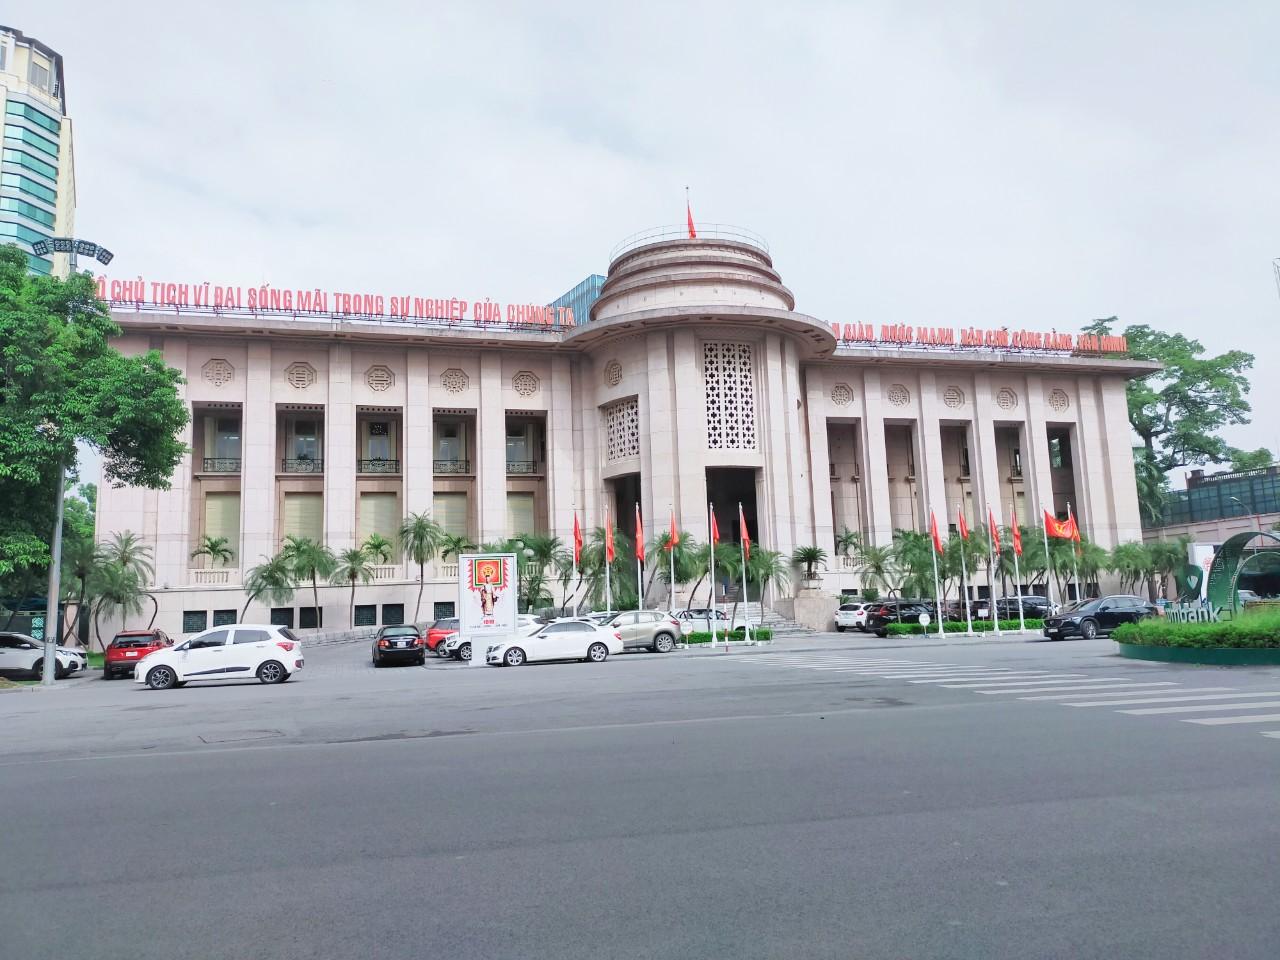 NHNN nói gì khi Mỹ đưa Việt Nam ra khỏi danh sách các nước thao túng tiền tệ? - Ảnh 1.